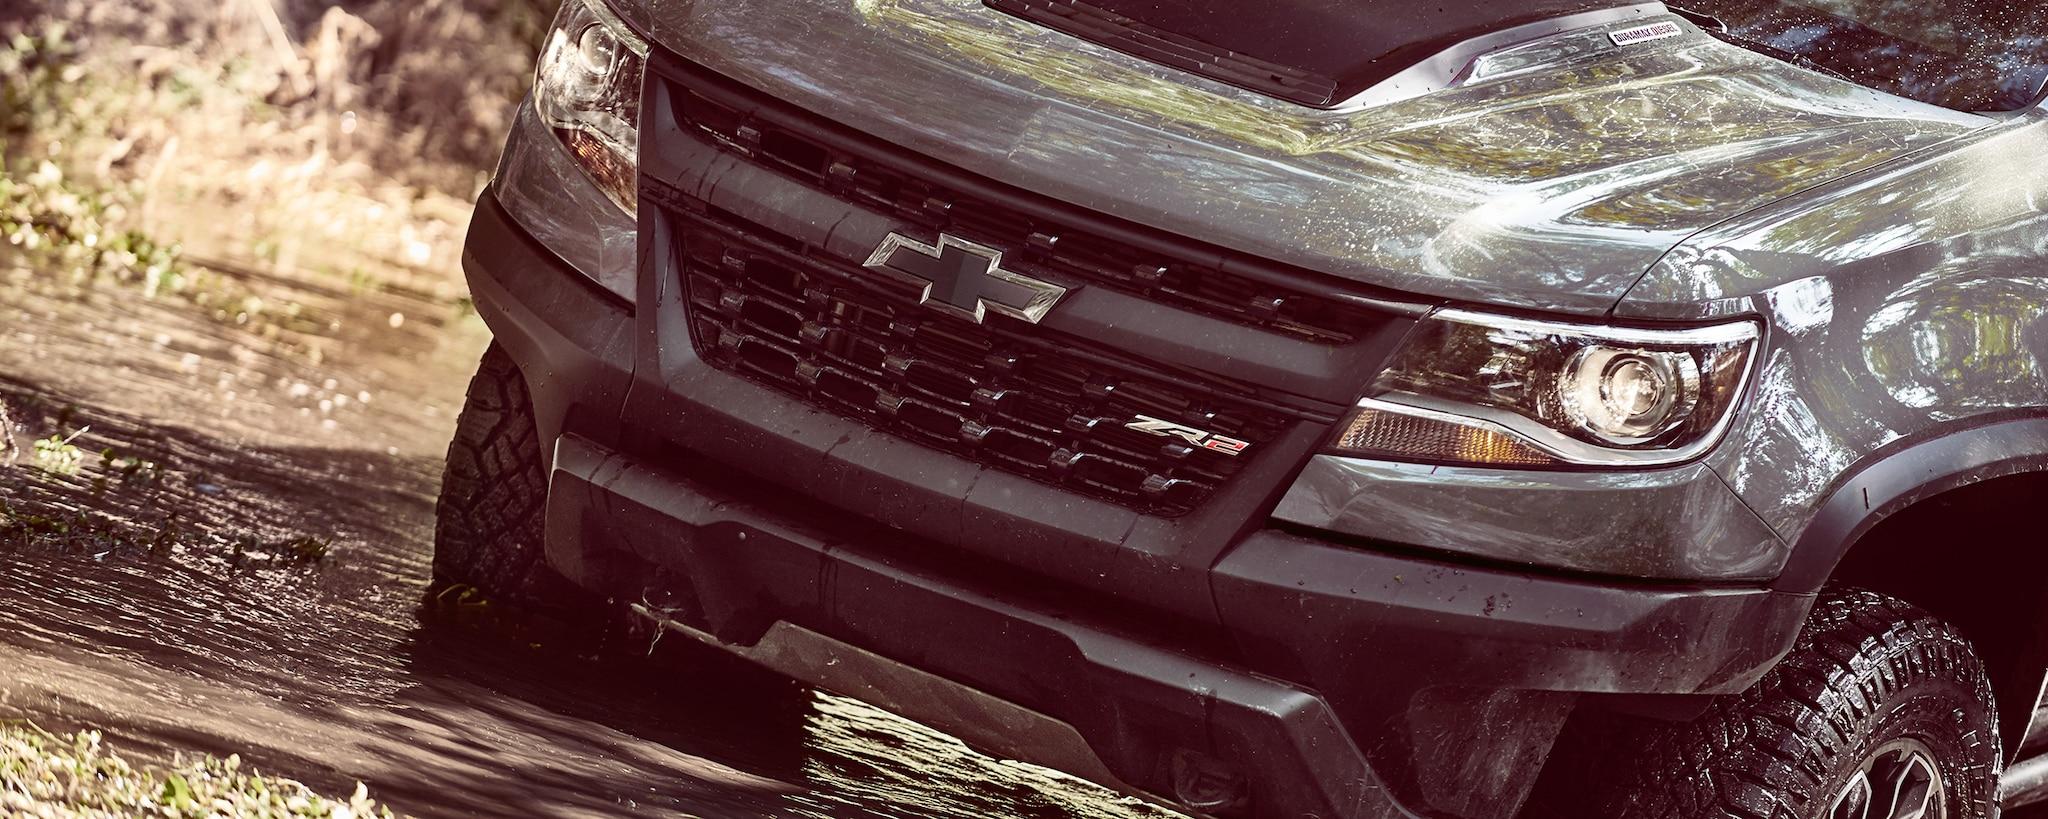 Desempeño de la camioneta todo terreno Colorado ZR2 2019: parrilla frontal